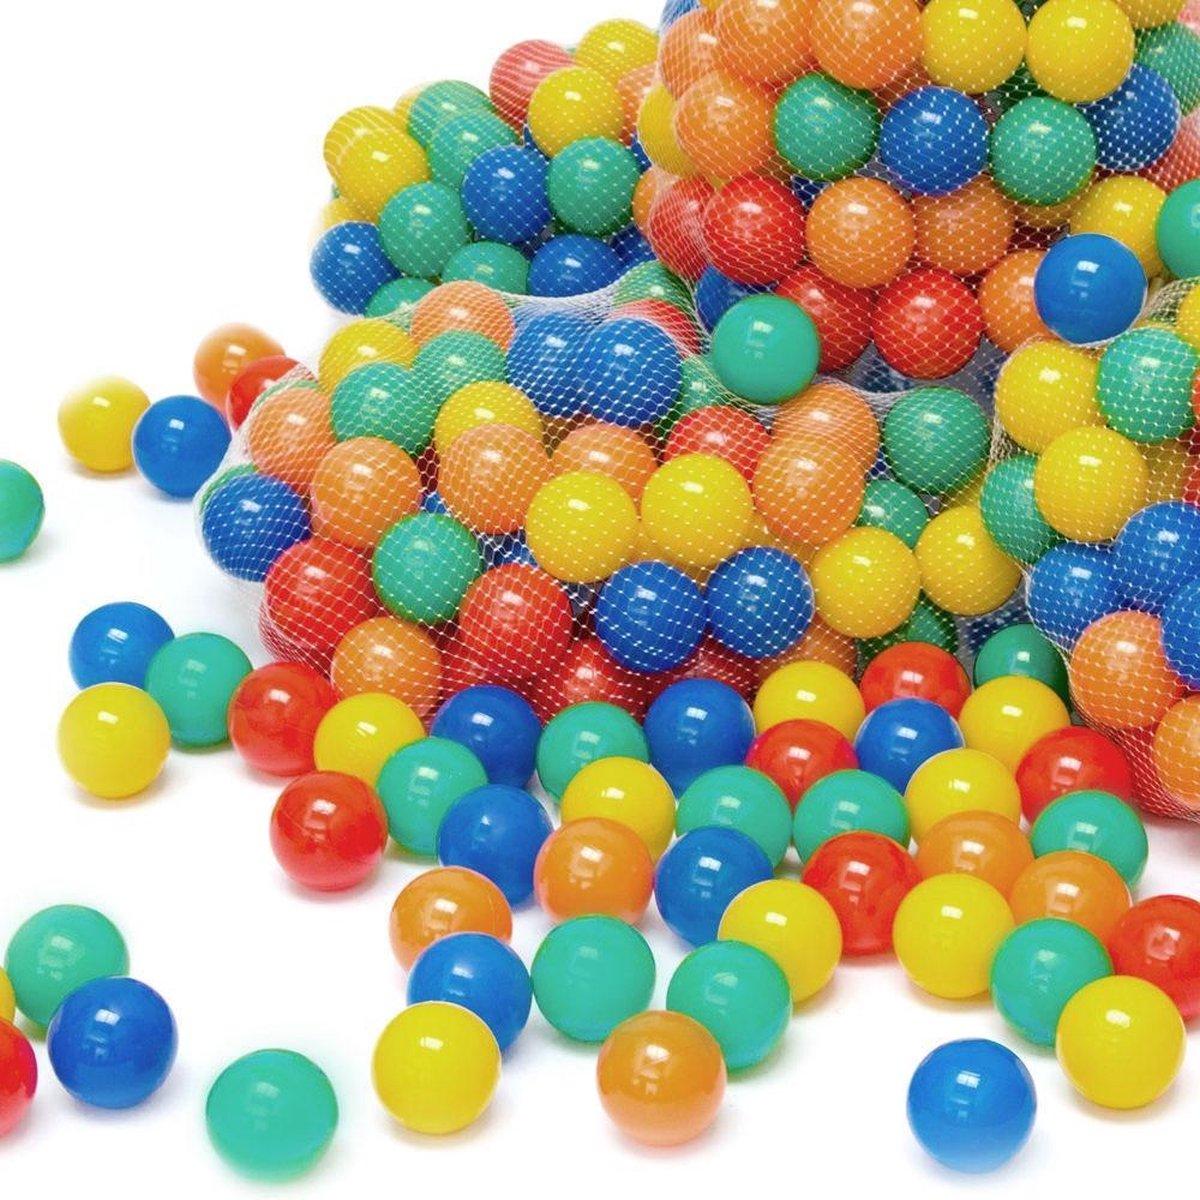 8000 kleurrijke ballen voor balbad 7cm baby ballen plastic ballen baby speelballen